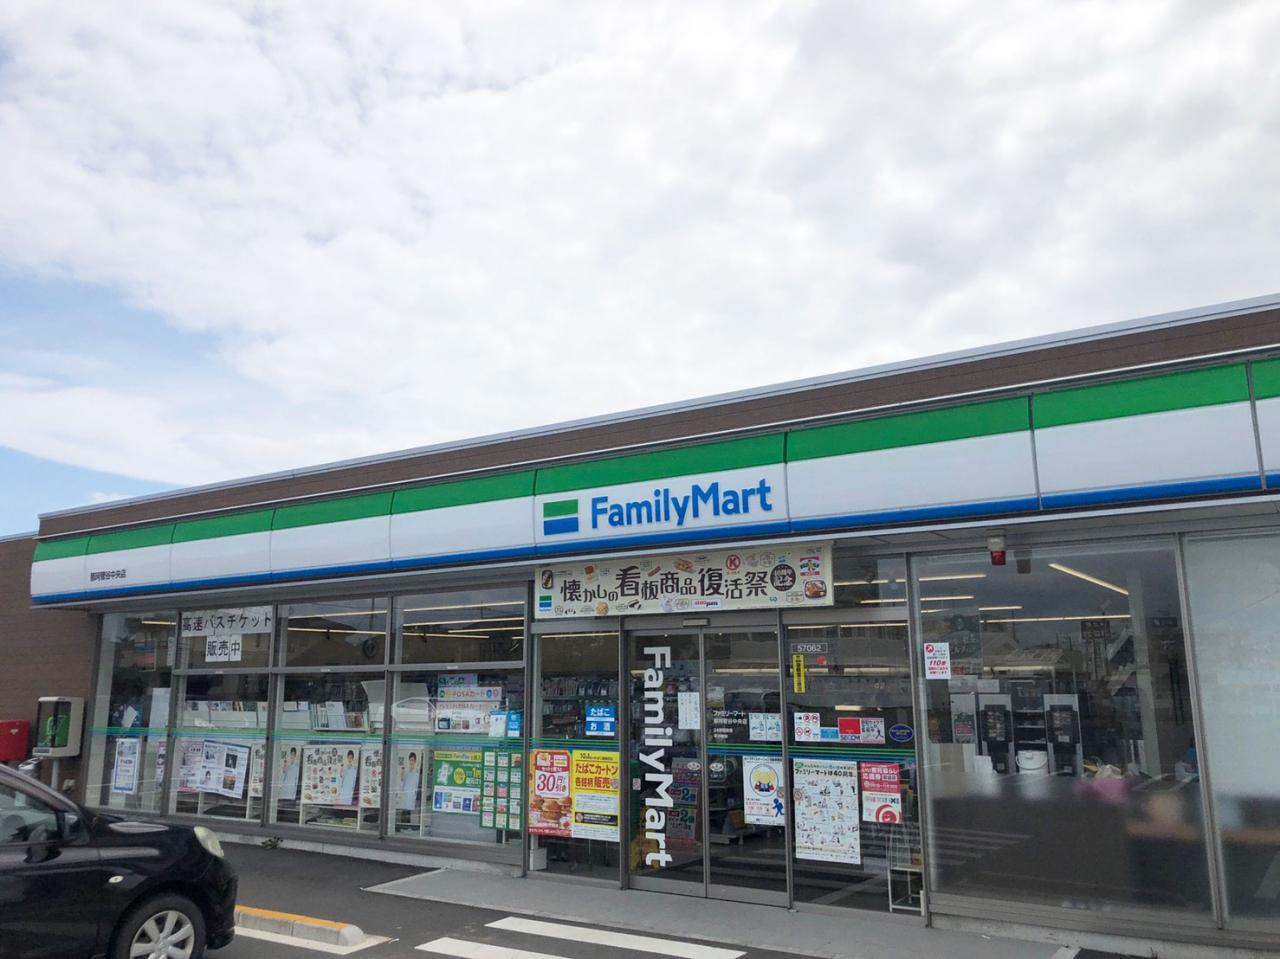 ファミリーマート 那珂菅谷中央店